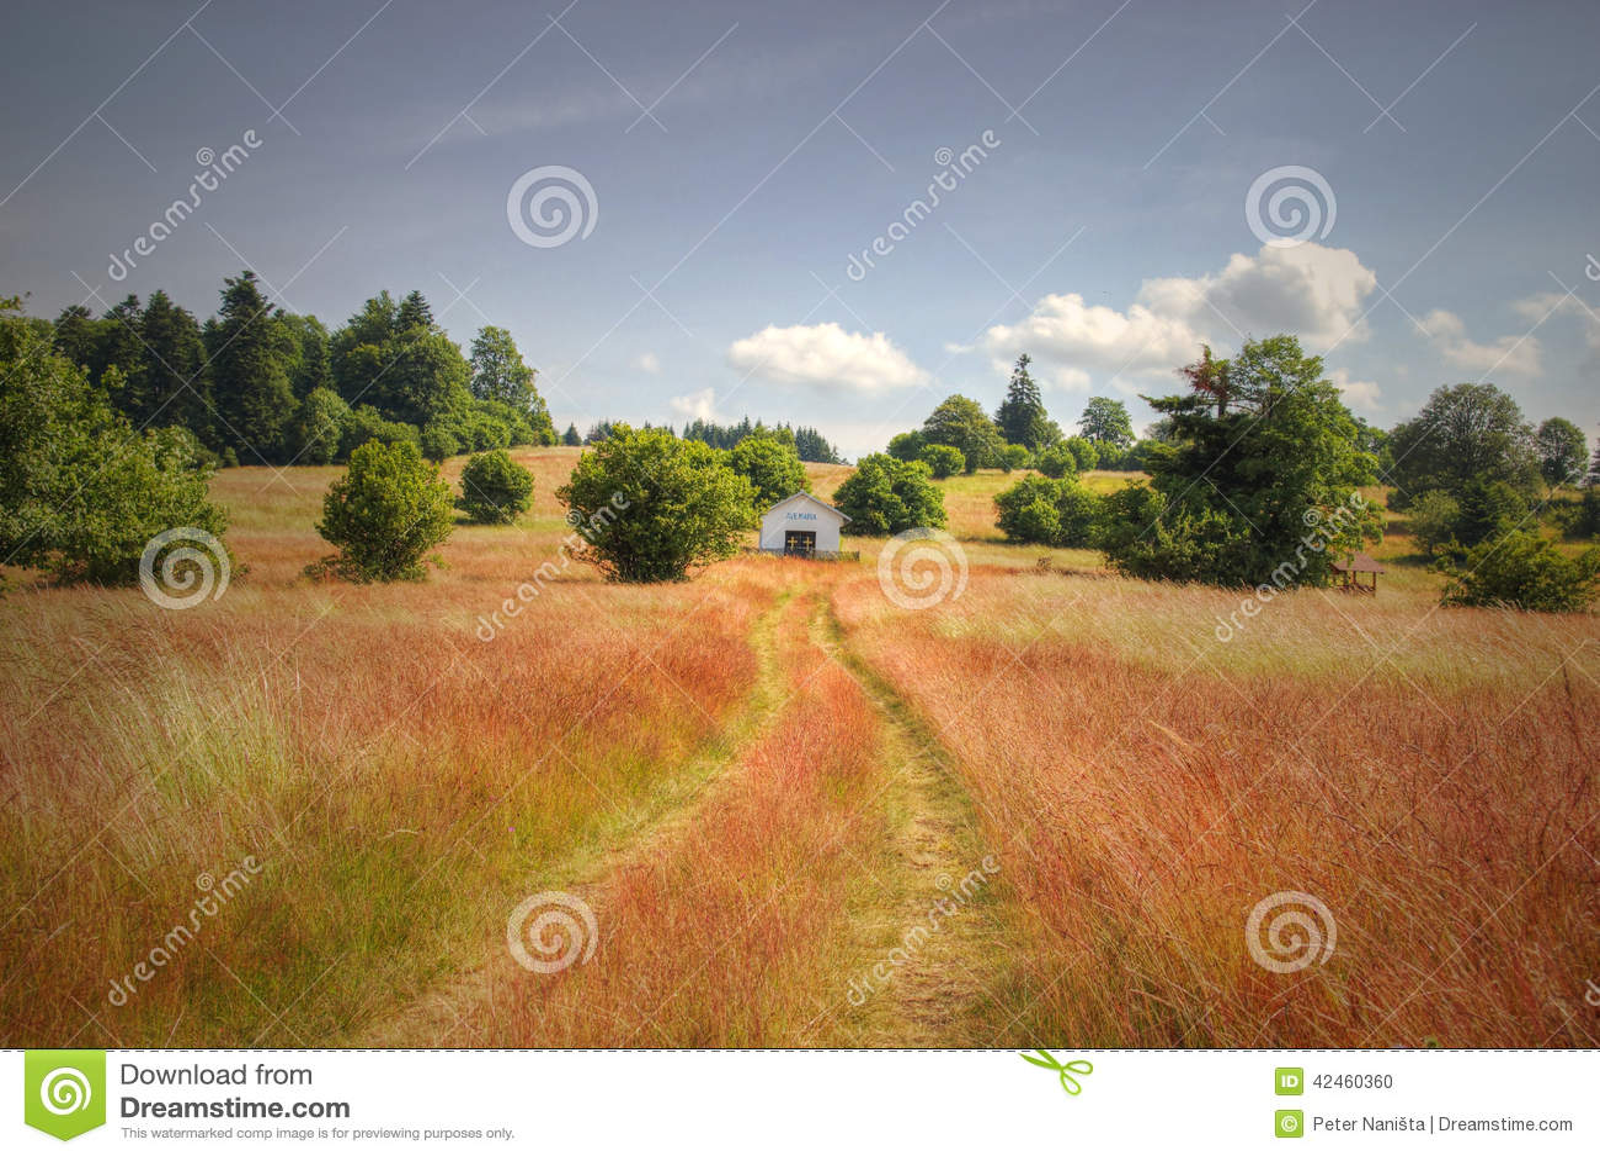 Einsame Kapelle auf roter Rasenfläche